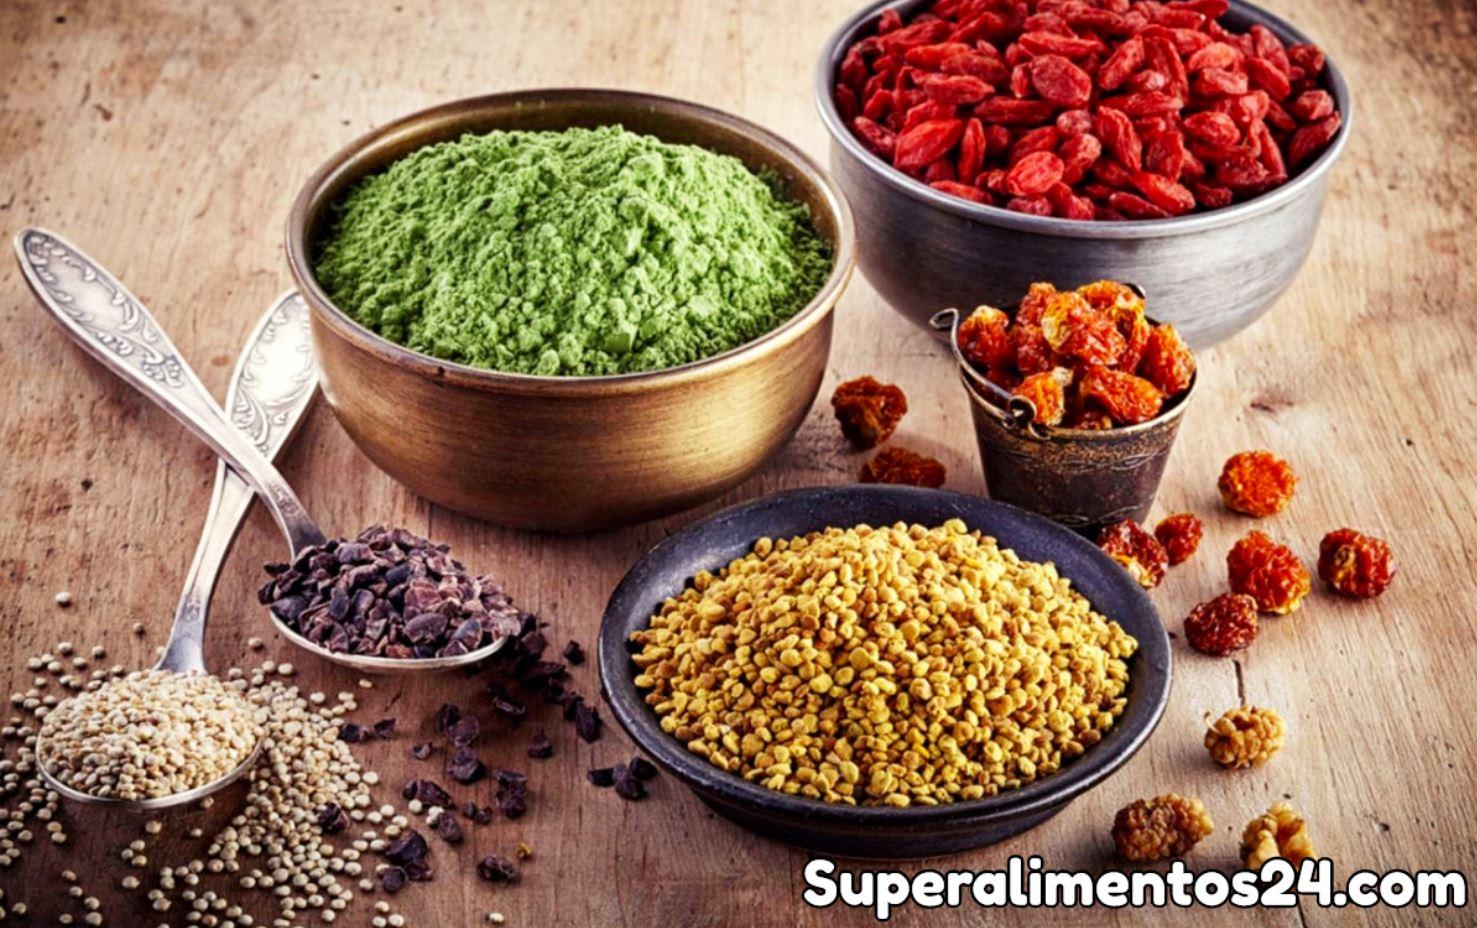 Alimentos sanos altos en vitaminas y fitonutrientes